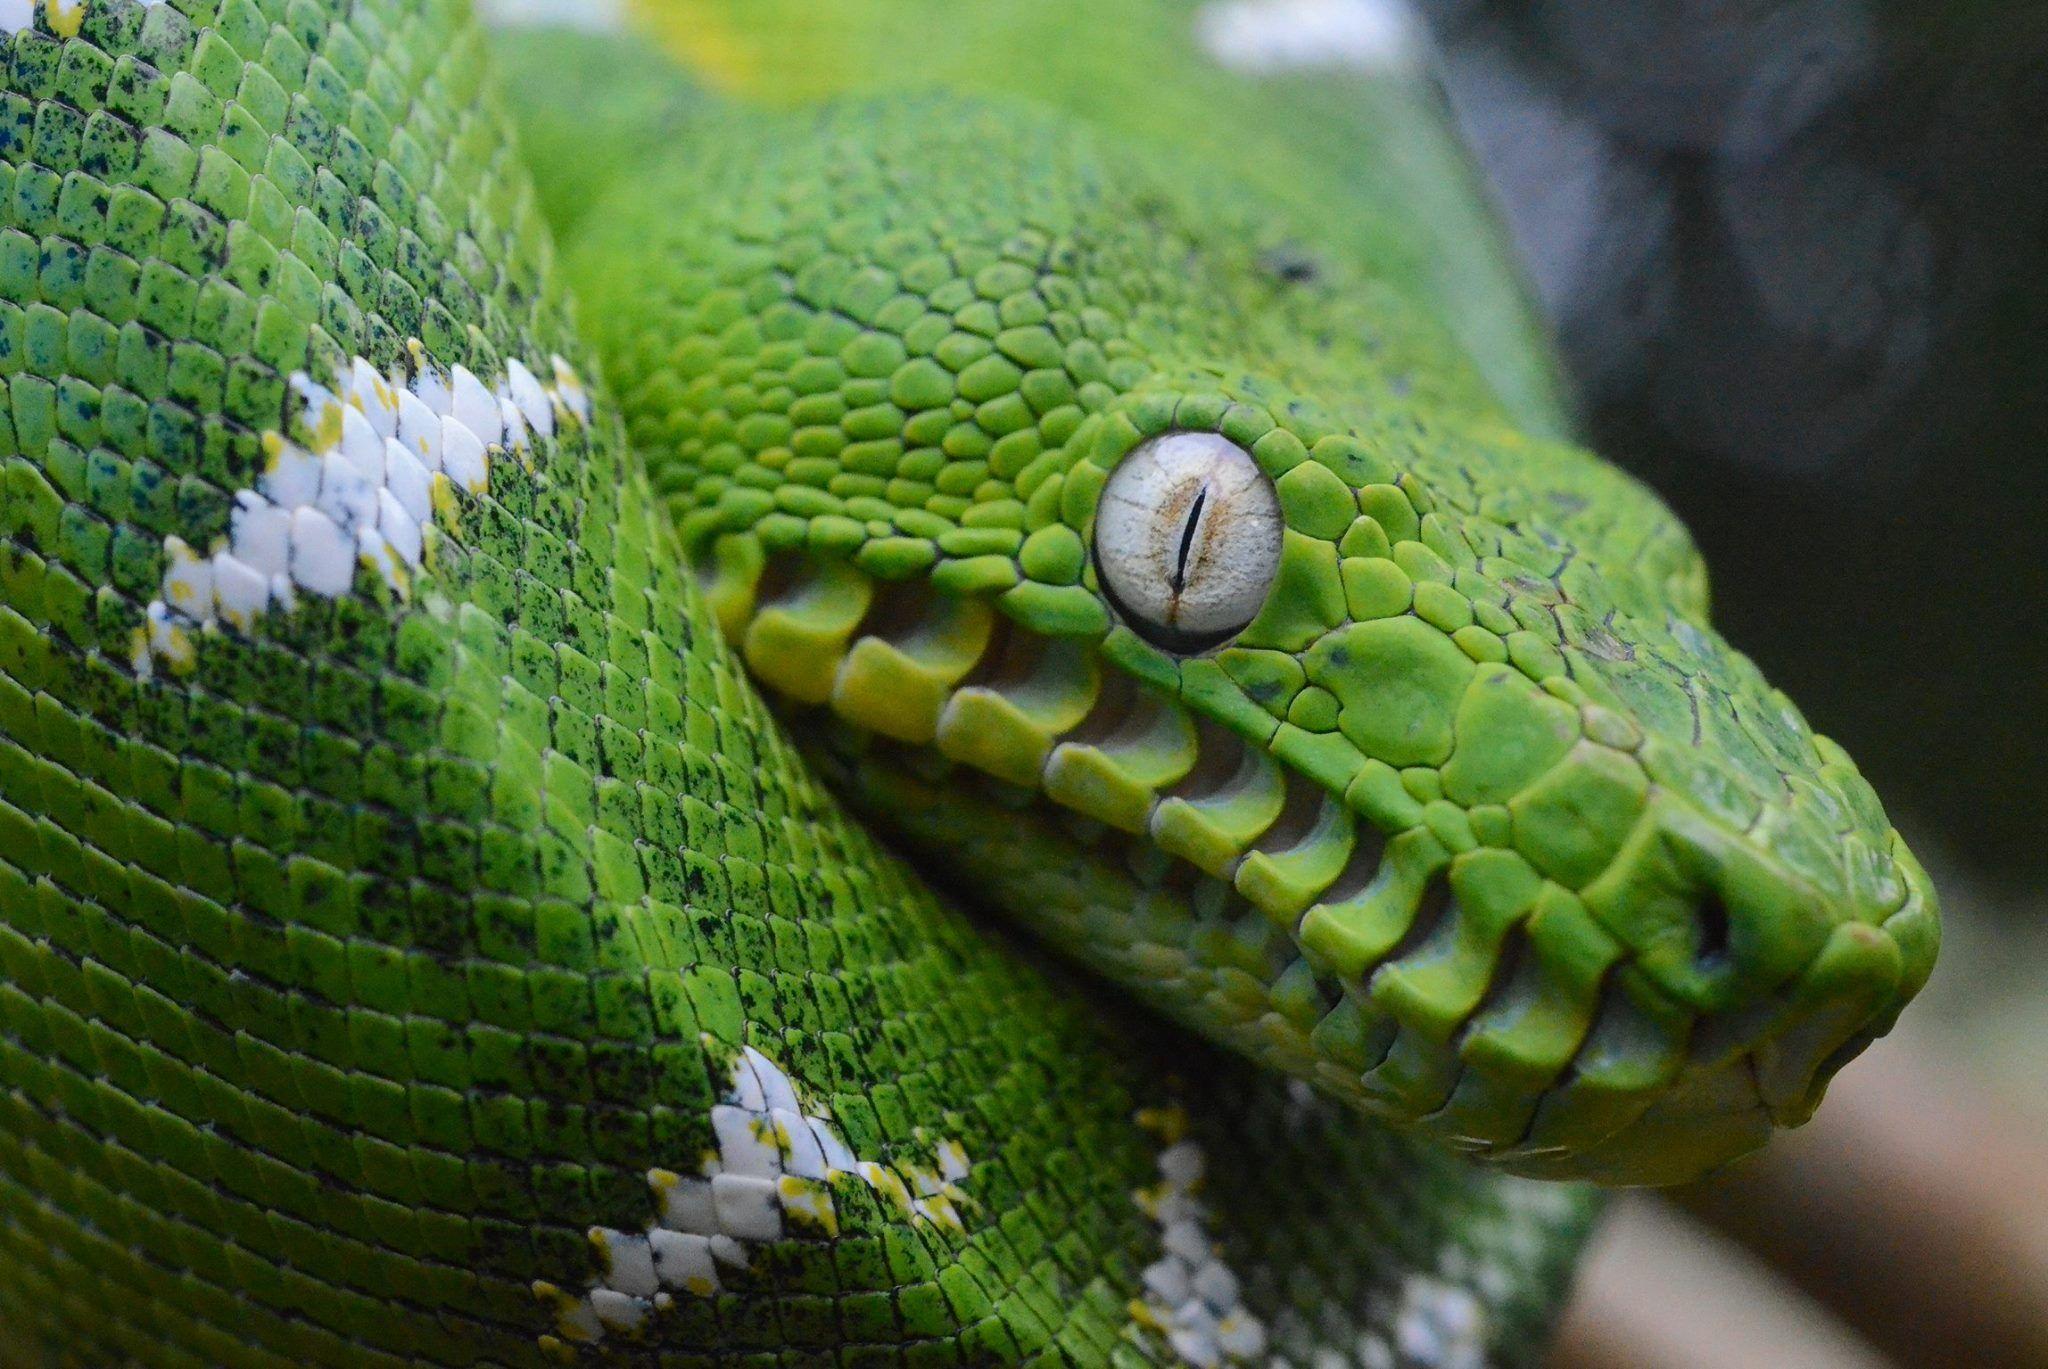 Amazon Basin Emerald Tree boa | Reptiles | Pinterest | Boas and Reptiles